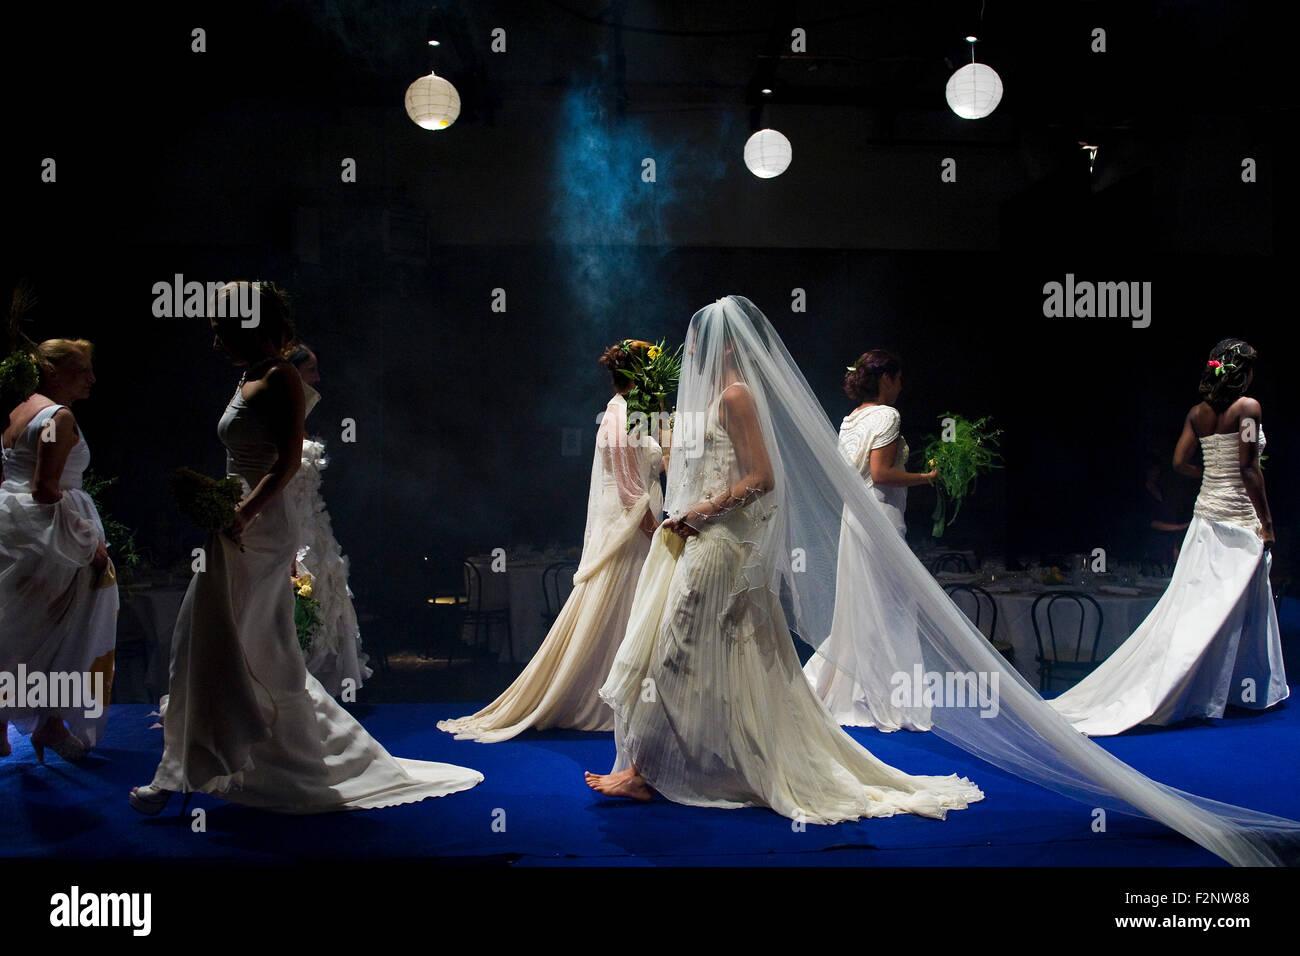 Italy, Lombardy, Bollate prison, 'Se scappi ti sposo' fashion show - Stock Image